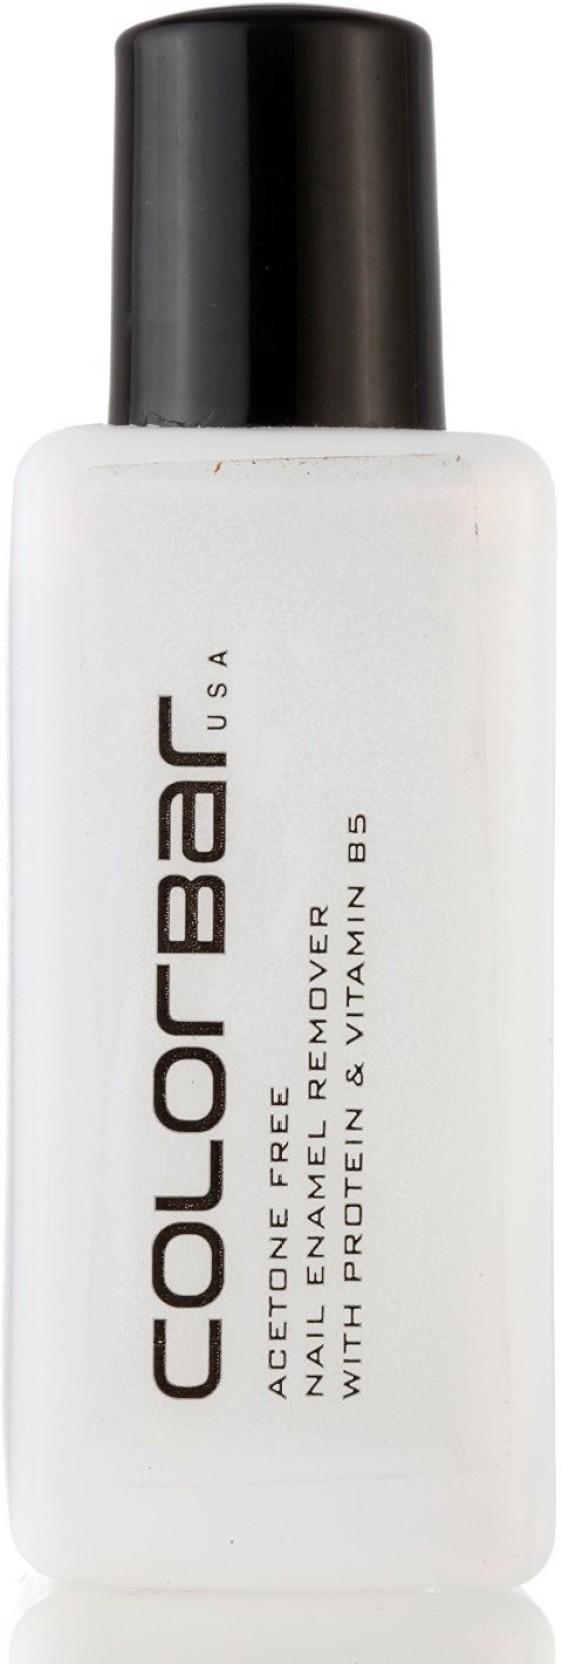 Colorbar Nail Polish Remover